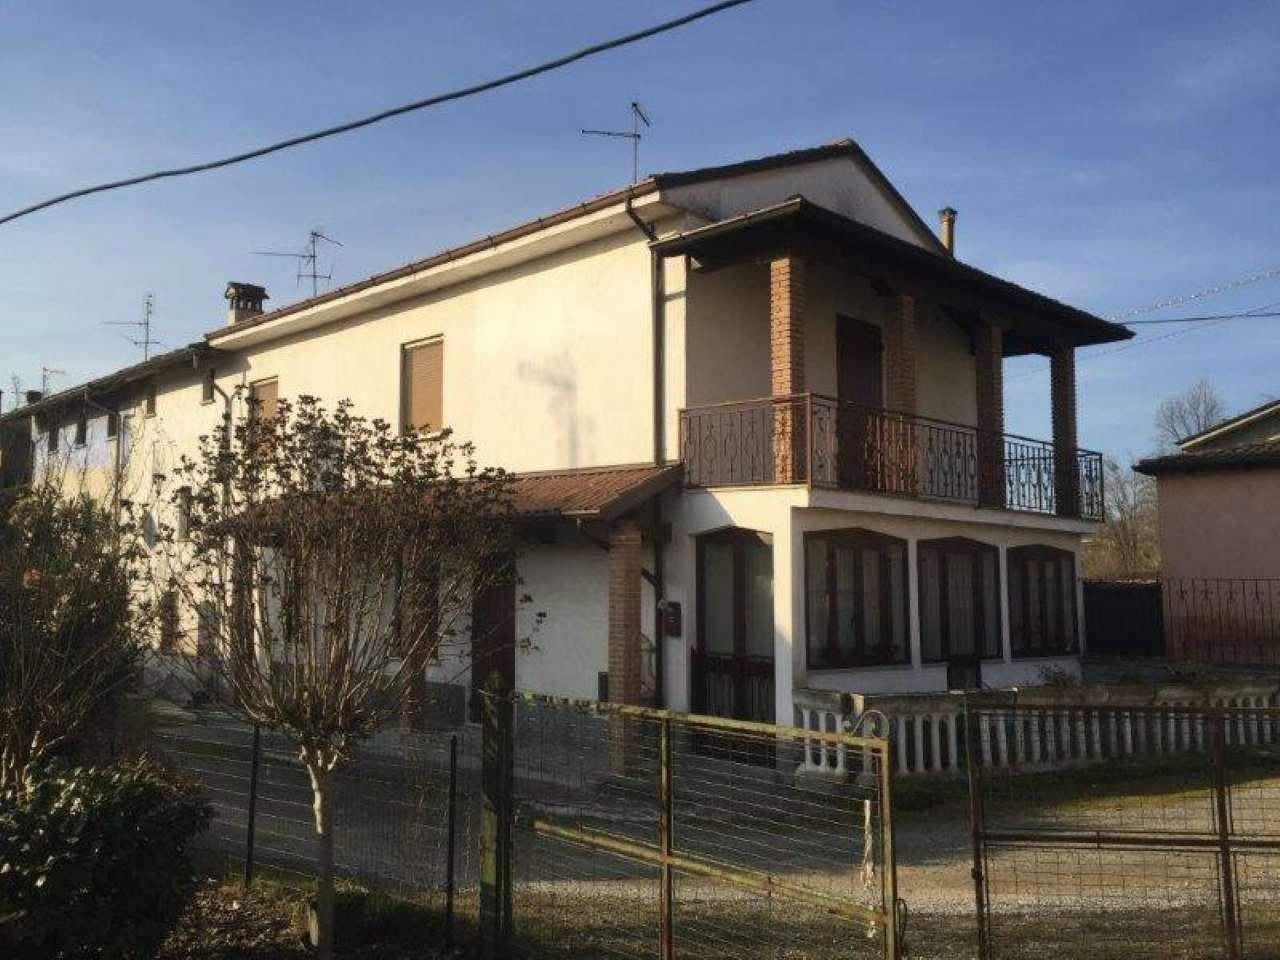 Soluzione Indipendente in vendita a Moscazzano, 4 locali, prezzo € 90.000 | CambioCasa.it